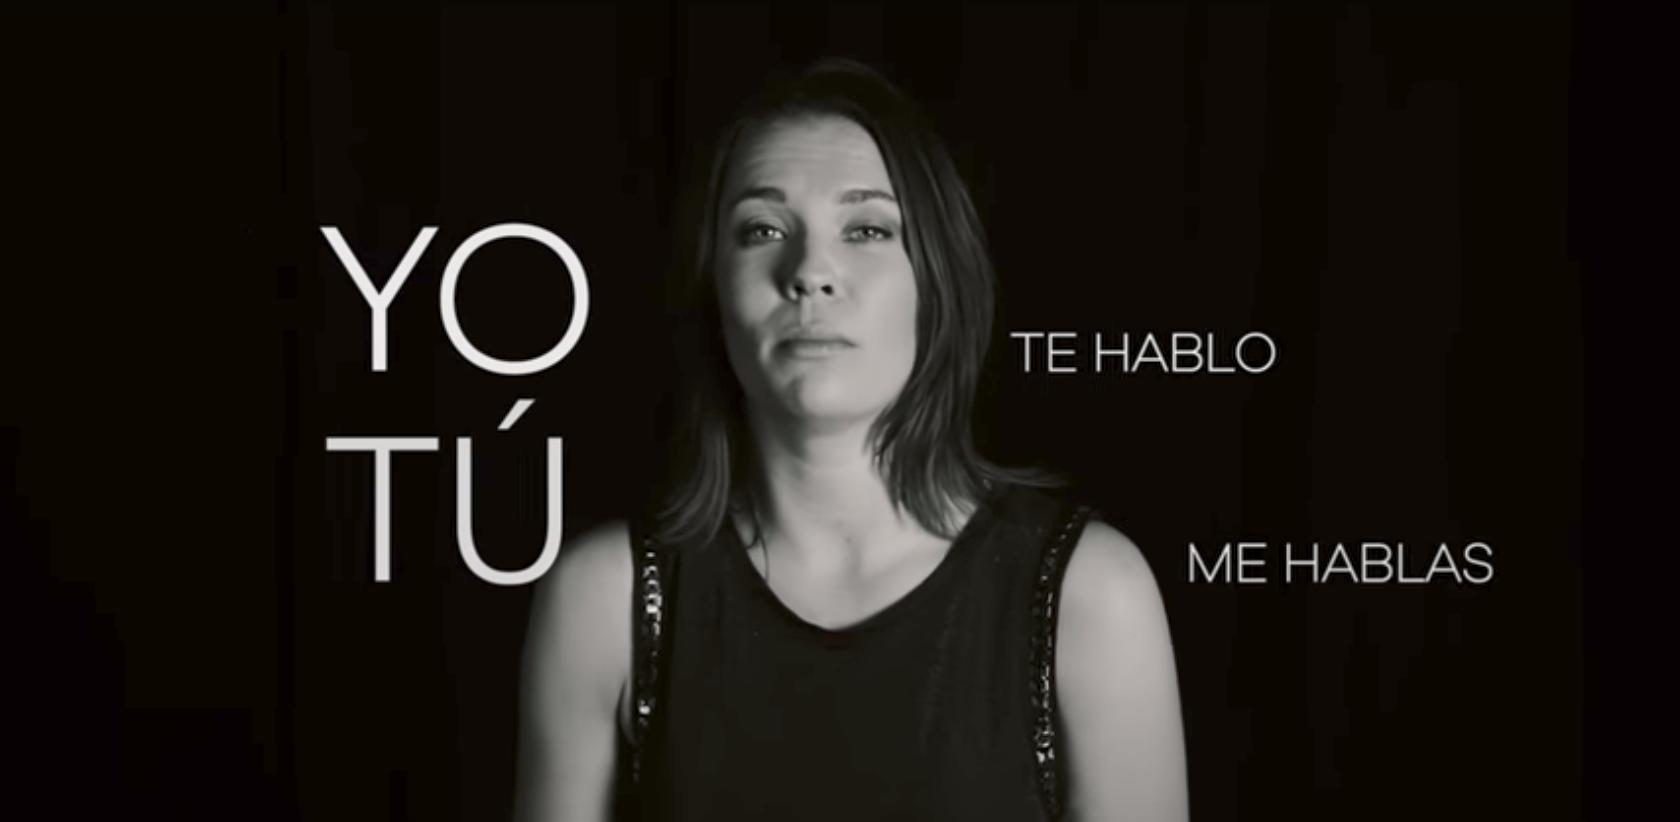 Maggie & The JAR - RESURRECCIÓN - Youtube